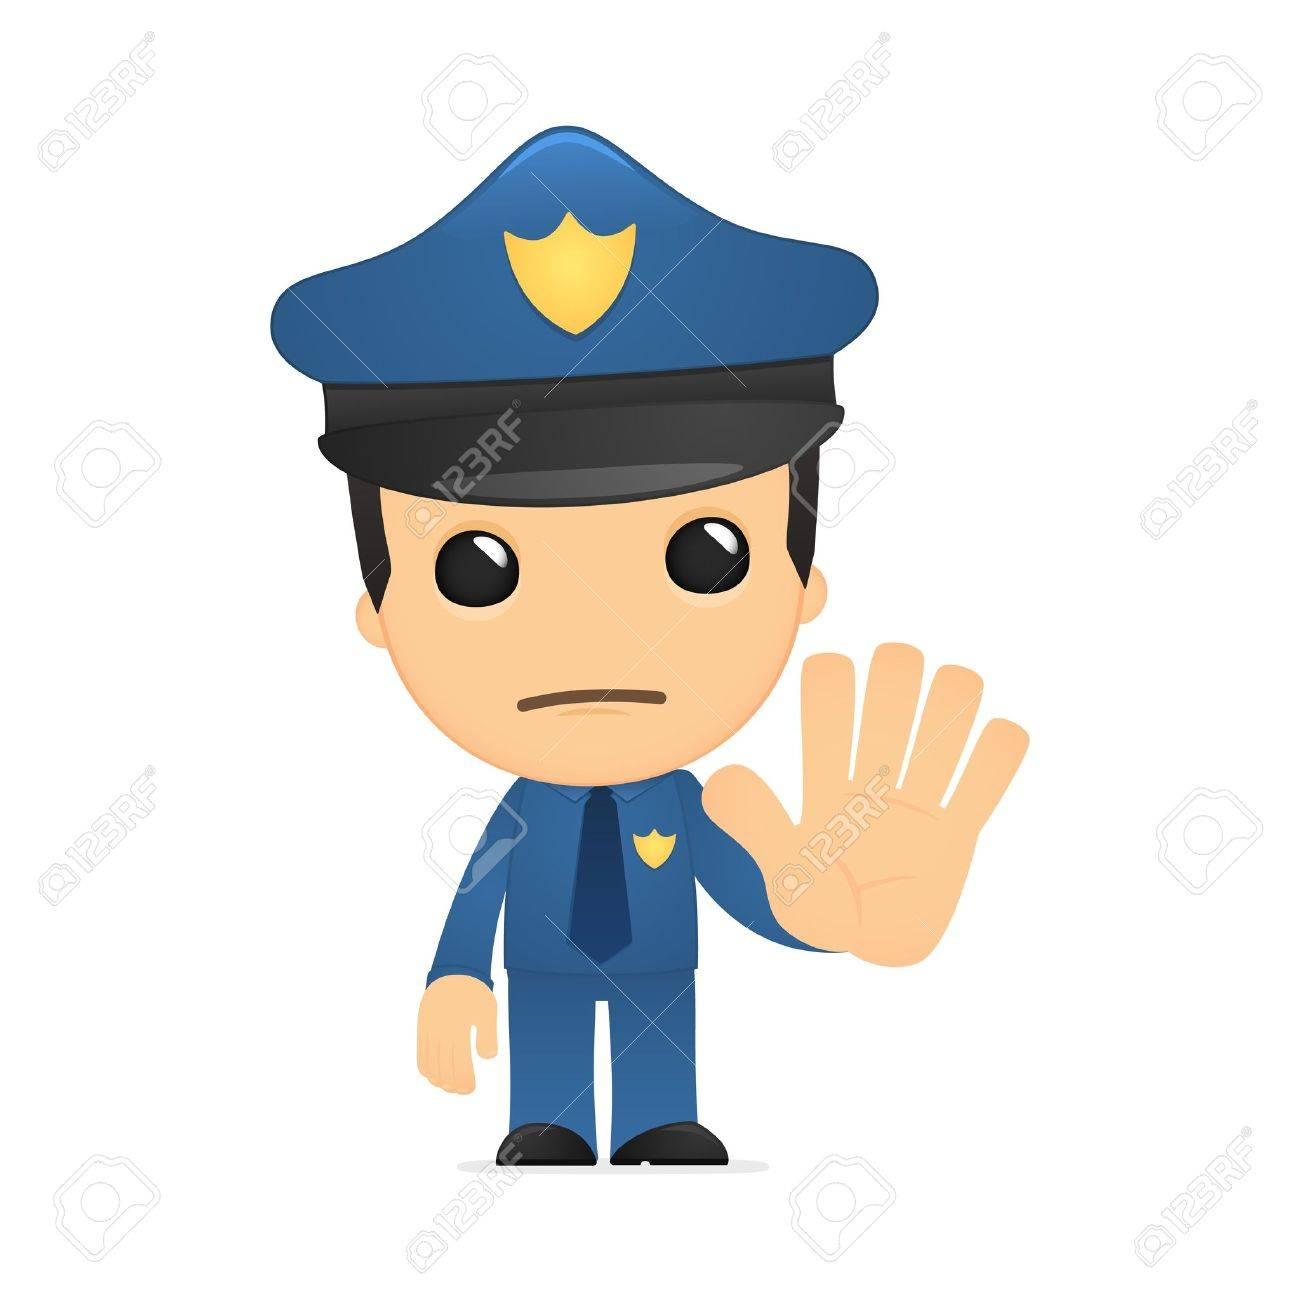 funny cartoon policeman Stock Vector - 13889730